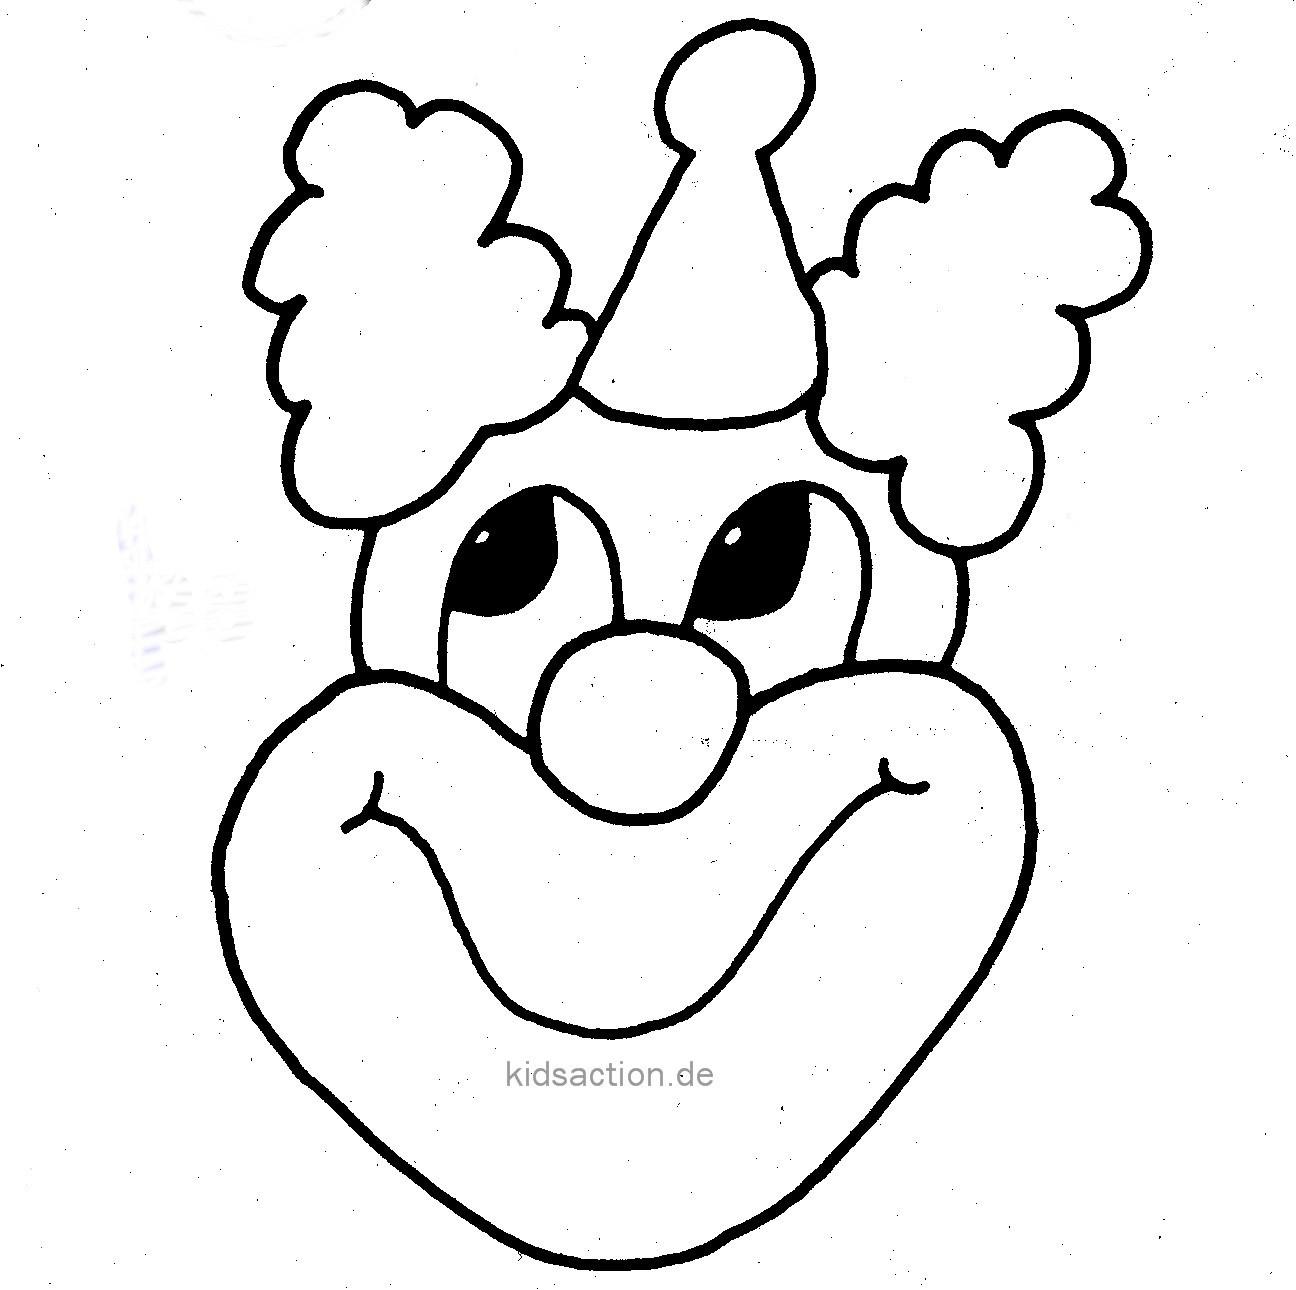 Clowns Zum Ausmalen Frisch Malvorlagen Clown Frisch 15 Malvorlagen Clowns Ausdrucken Genial Fotografieren